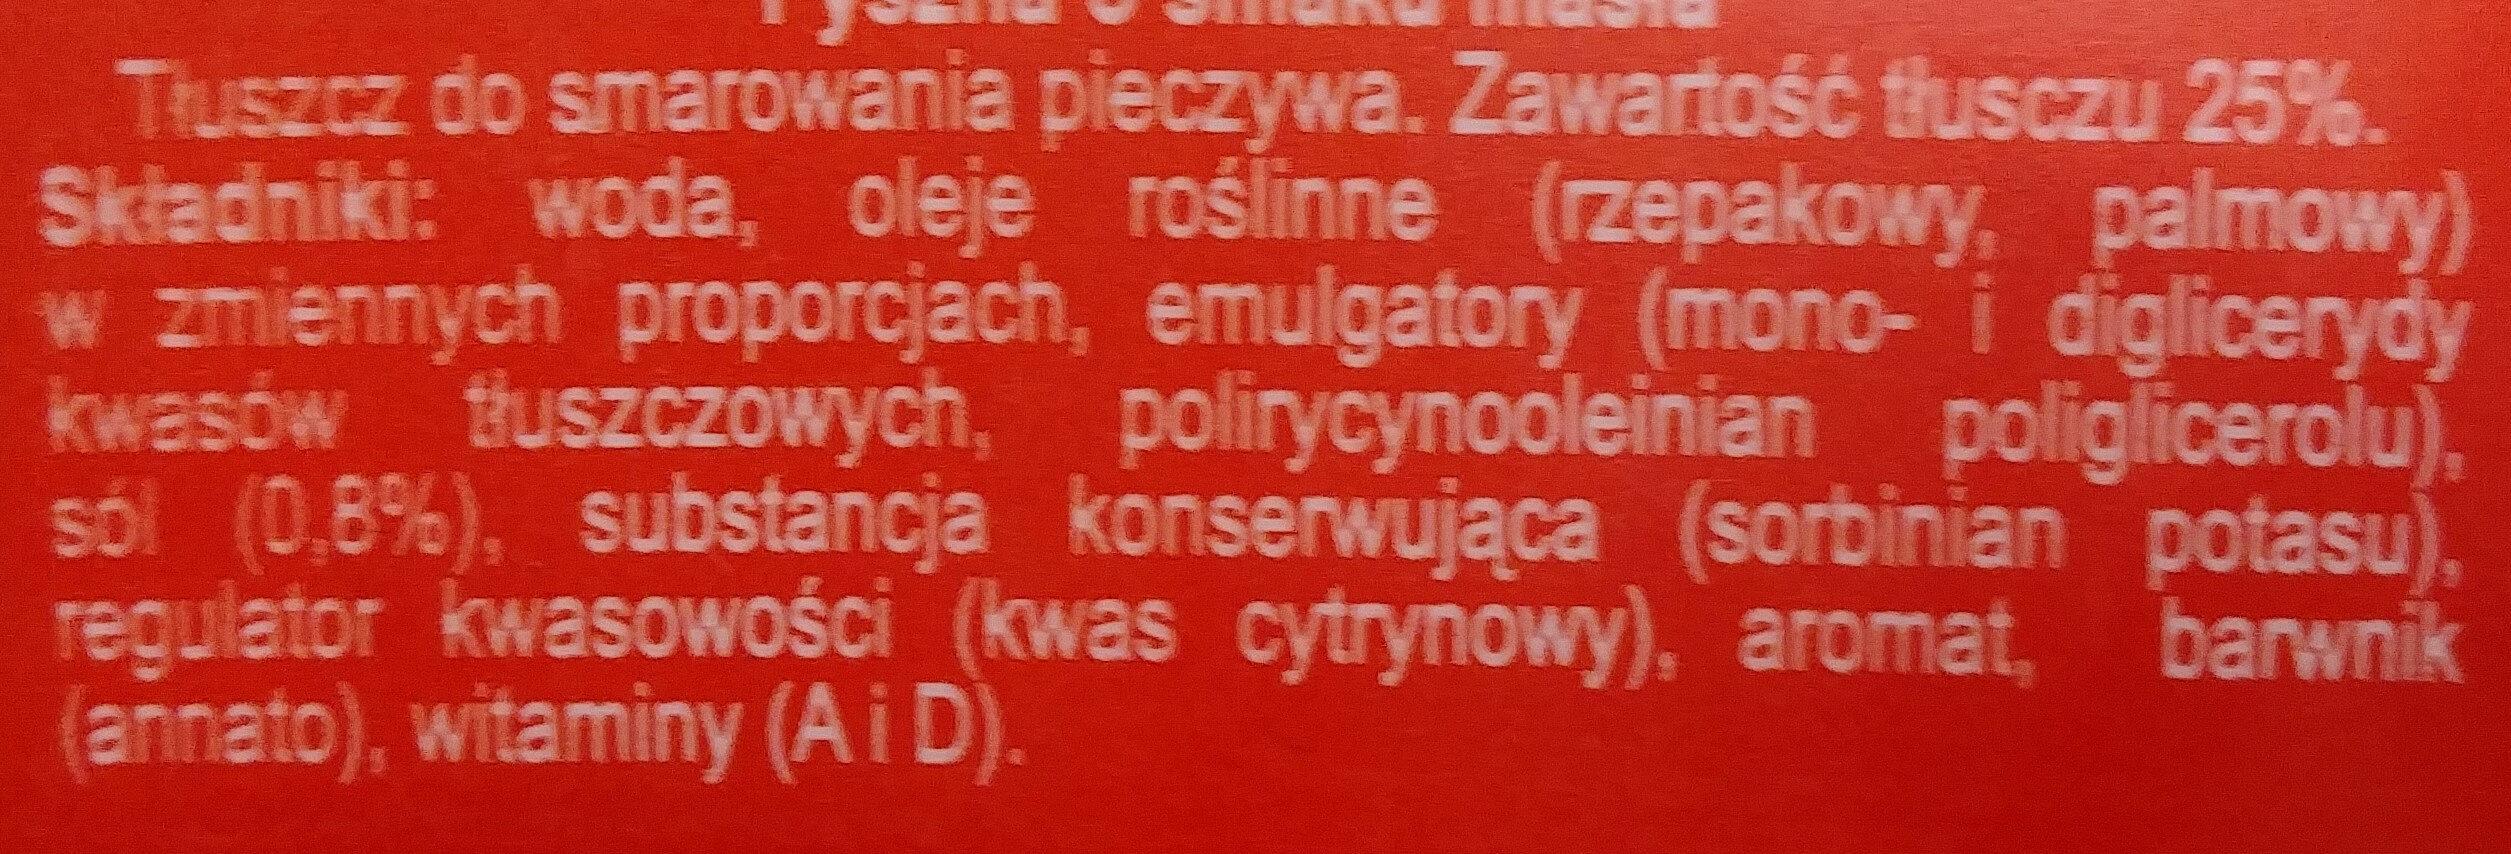 Margaryna Pyszna o smaku masła - Składniki